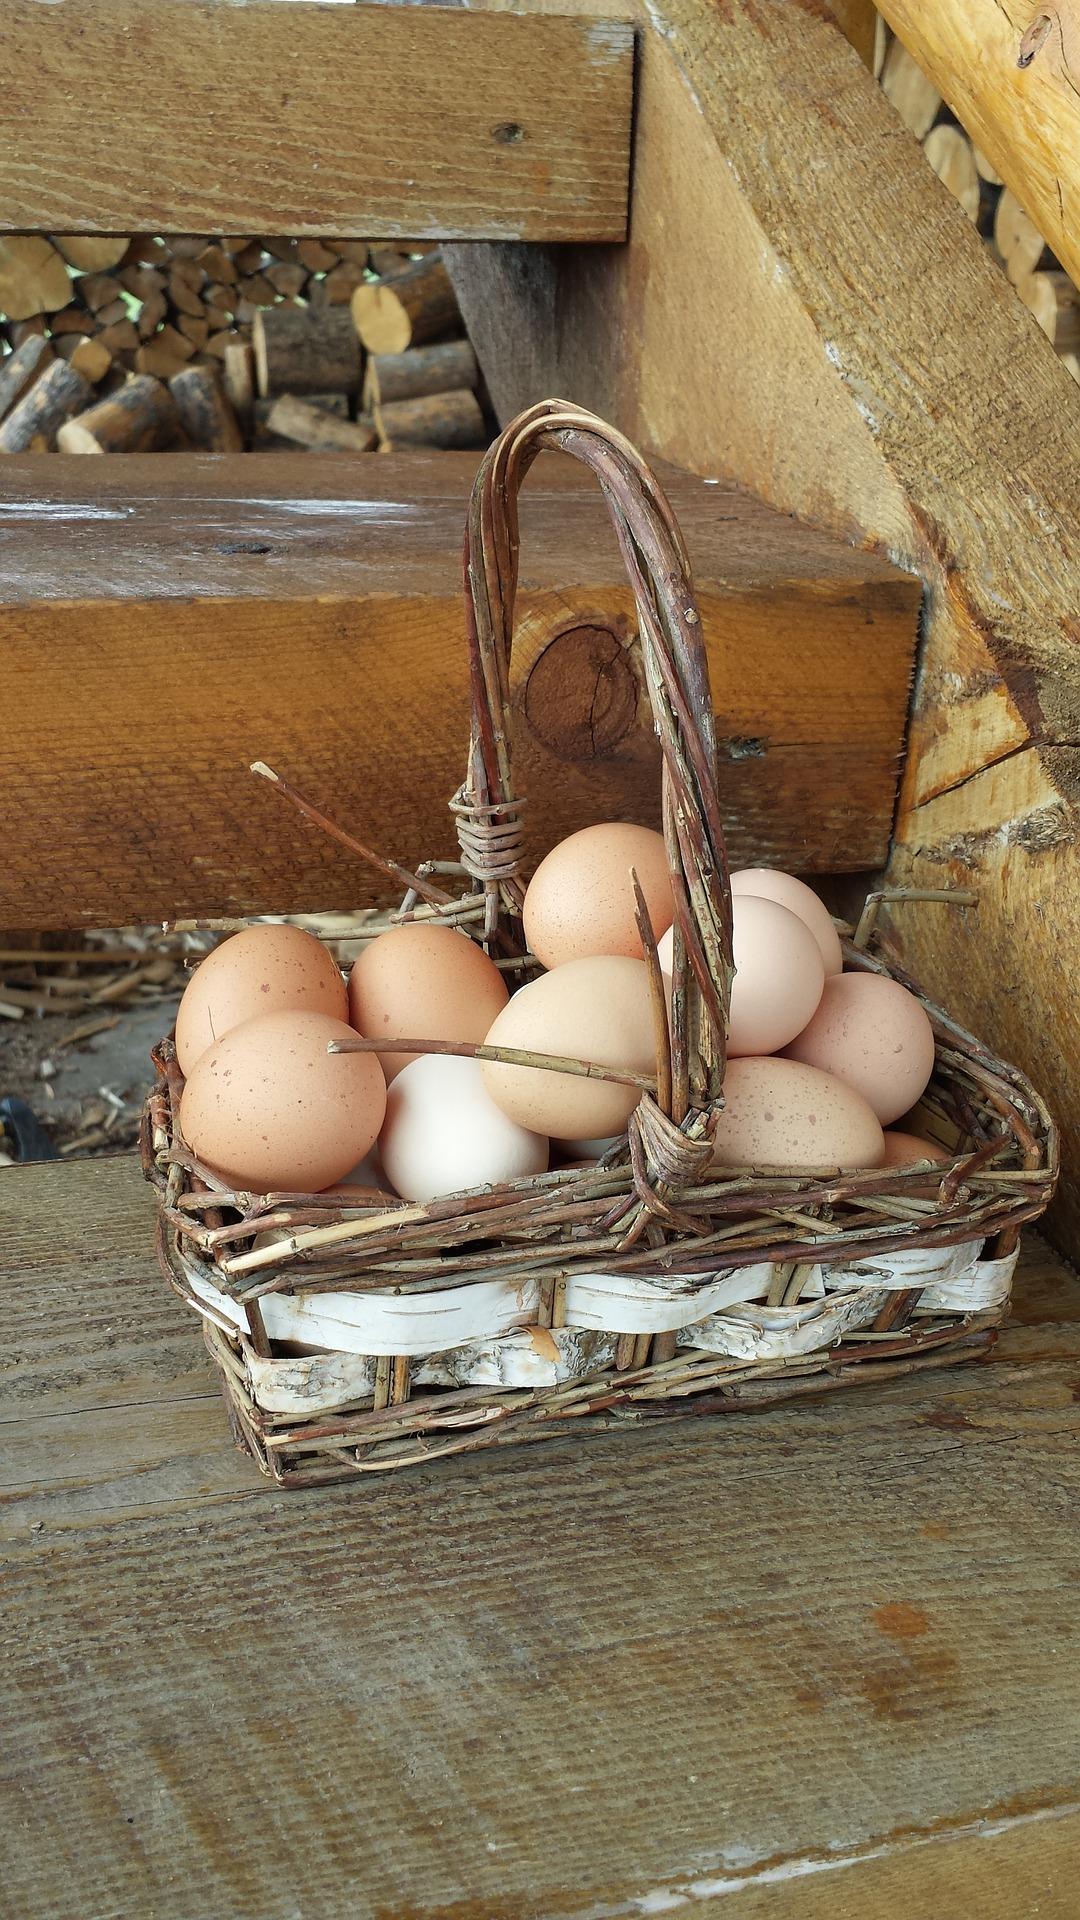 Разные корзины для одних и тех же яиц: где делать портфолио